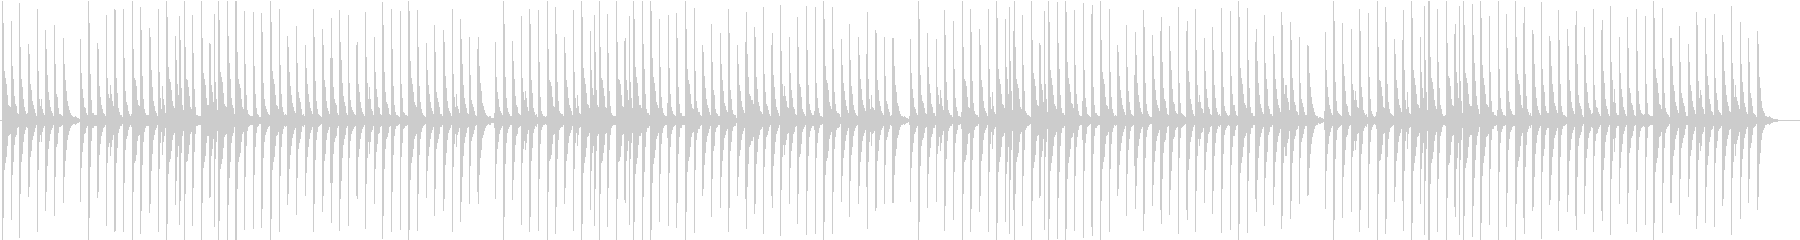 """Okinawa folk song """"Iwaibushi (slow play)"""" Sanshin only's unreproduced waveform"""